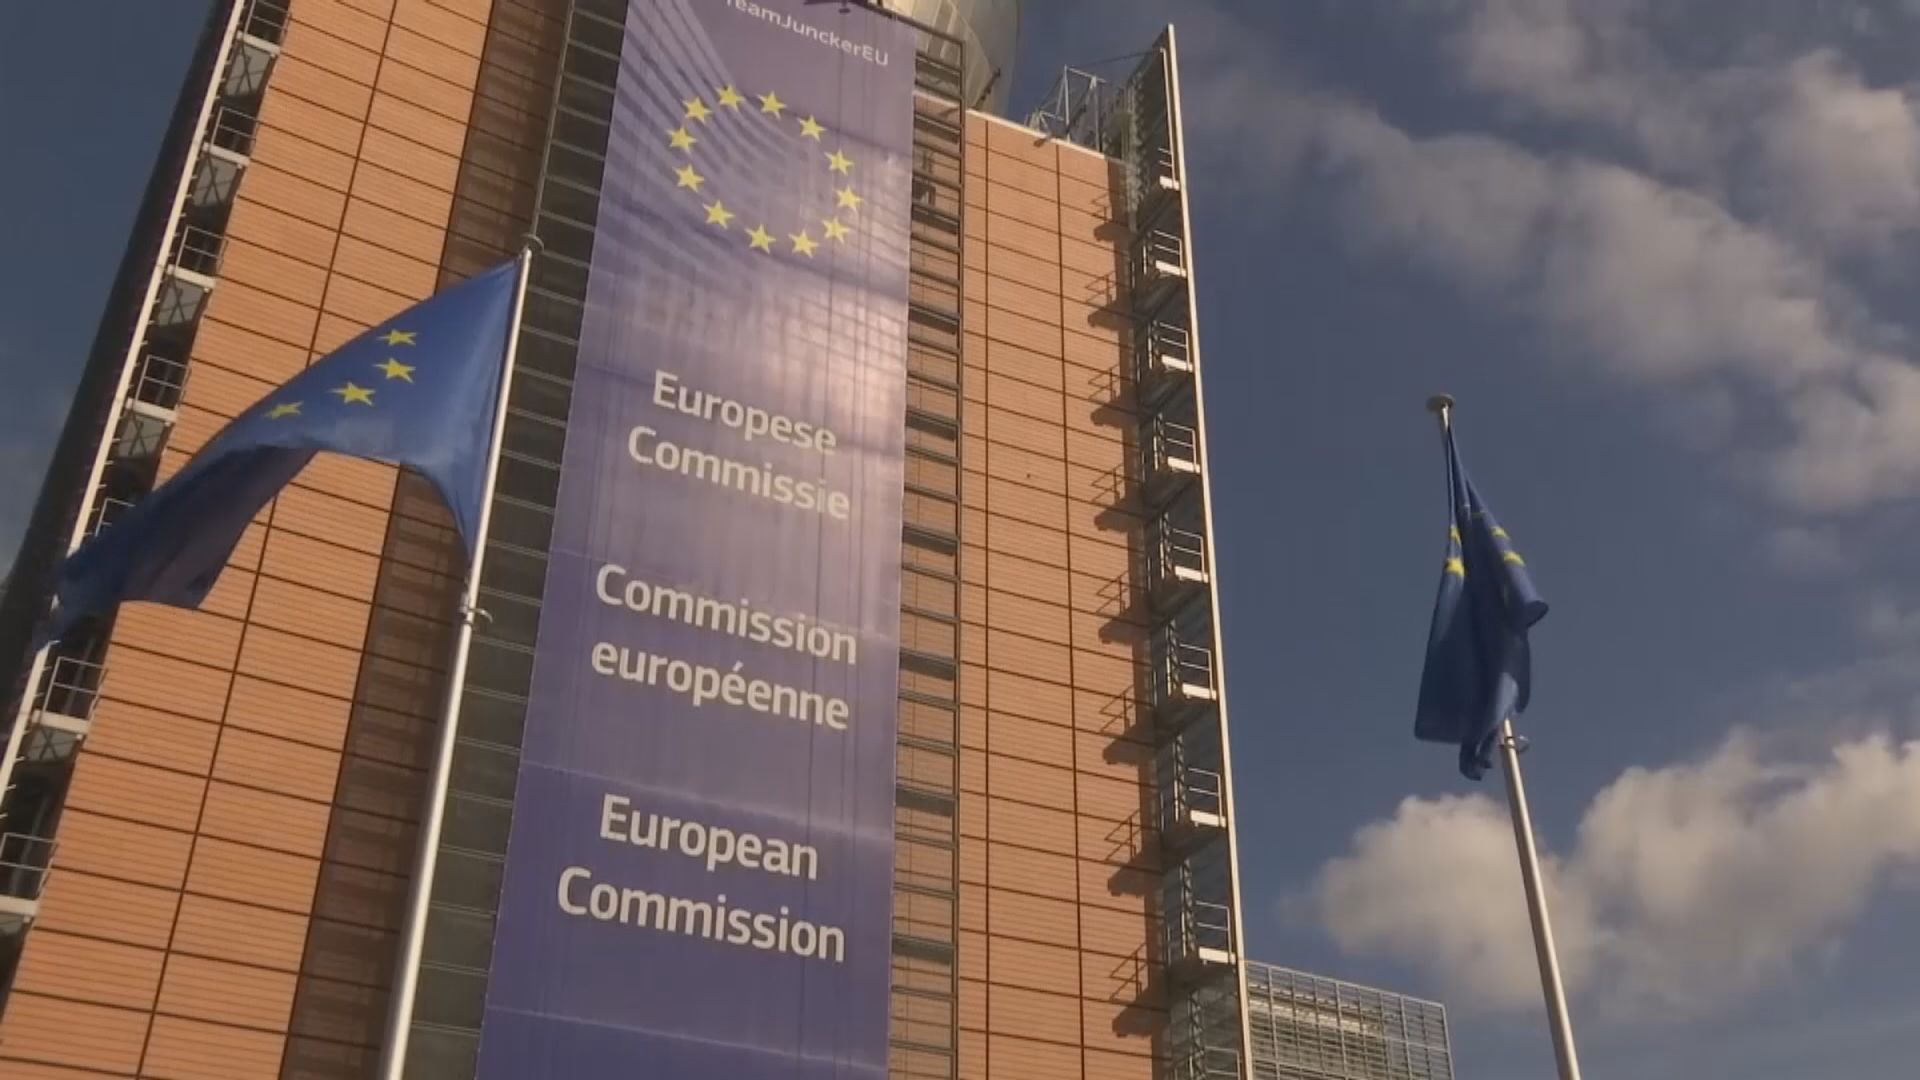 歐盟接納英國彈性脫歐要求 國會通過協議可提早離開